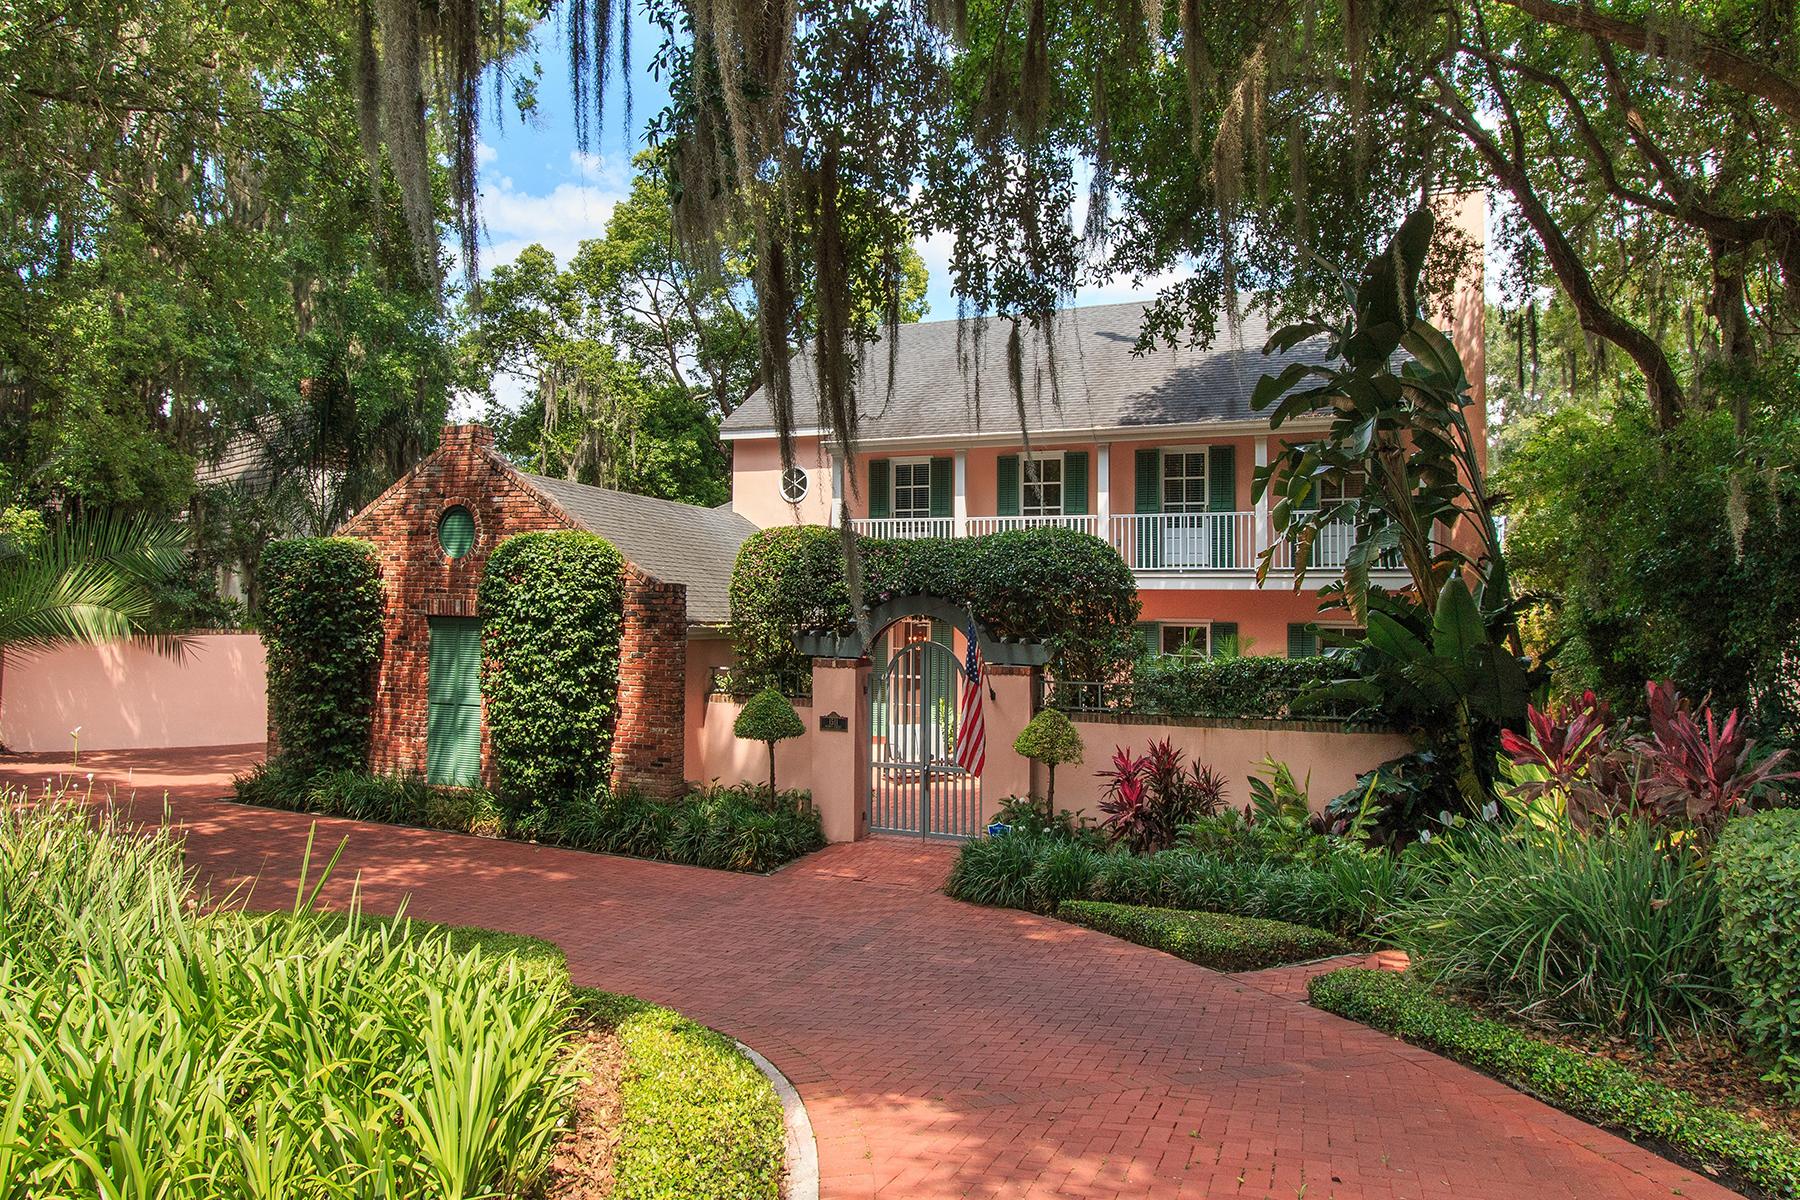 独户住宅 为 销售 在 WINTER PARK FLORIDA 1511 Harris Cir 温特帕克, 佛罗里达州, 32789 美国